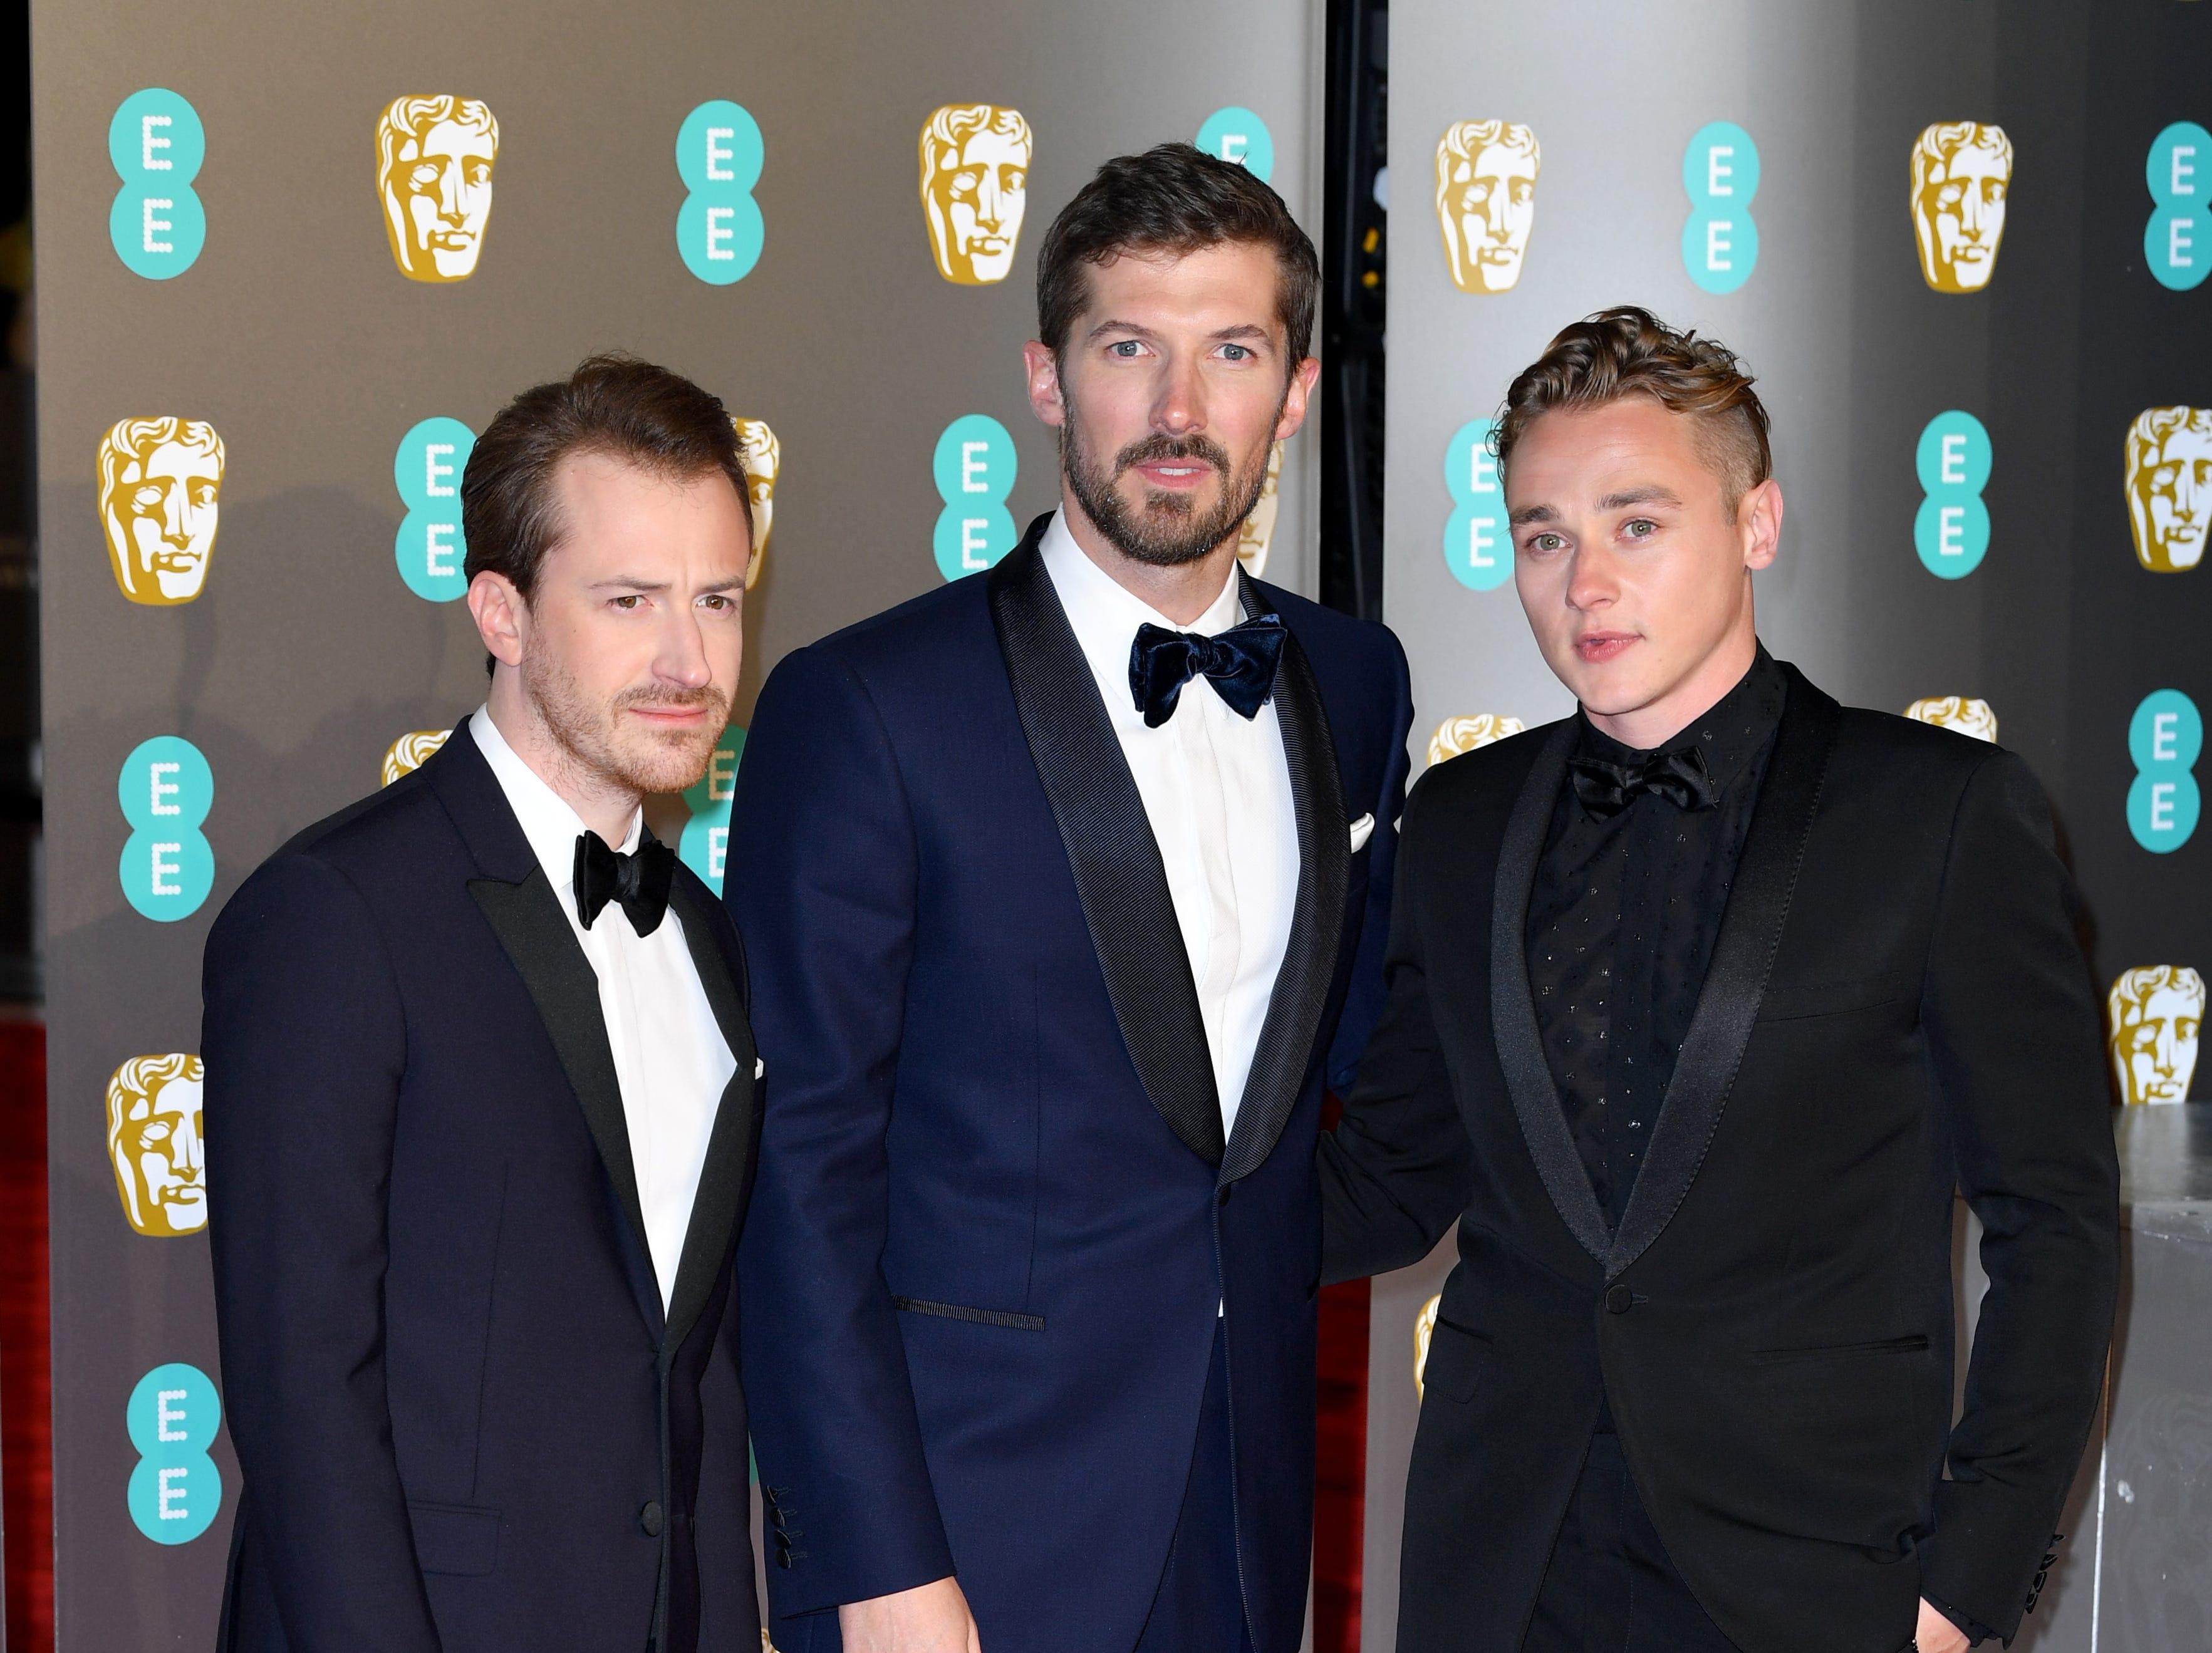 Joseph Mazzello, Gwilym Lee y Ben Hardy a su llegada a la alfombra roja de los Premios de la Academia Británica de Cine BAFTA en el Royal Albert Hall en Londres el 10 de febrero de 2019.